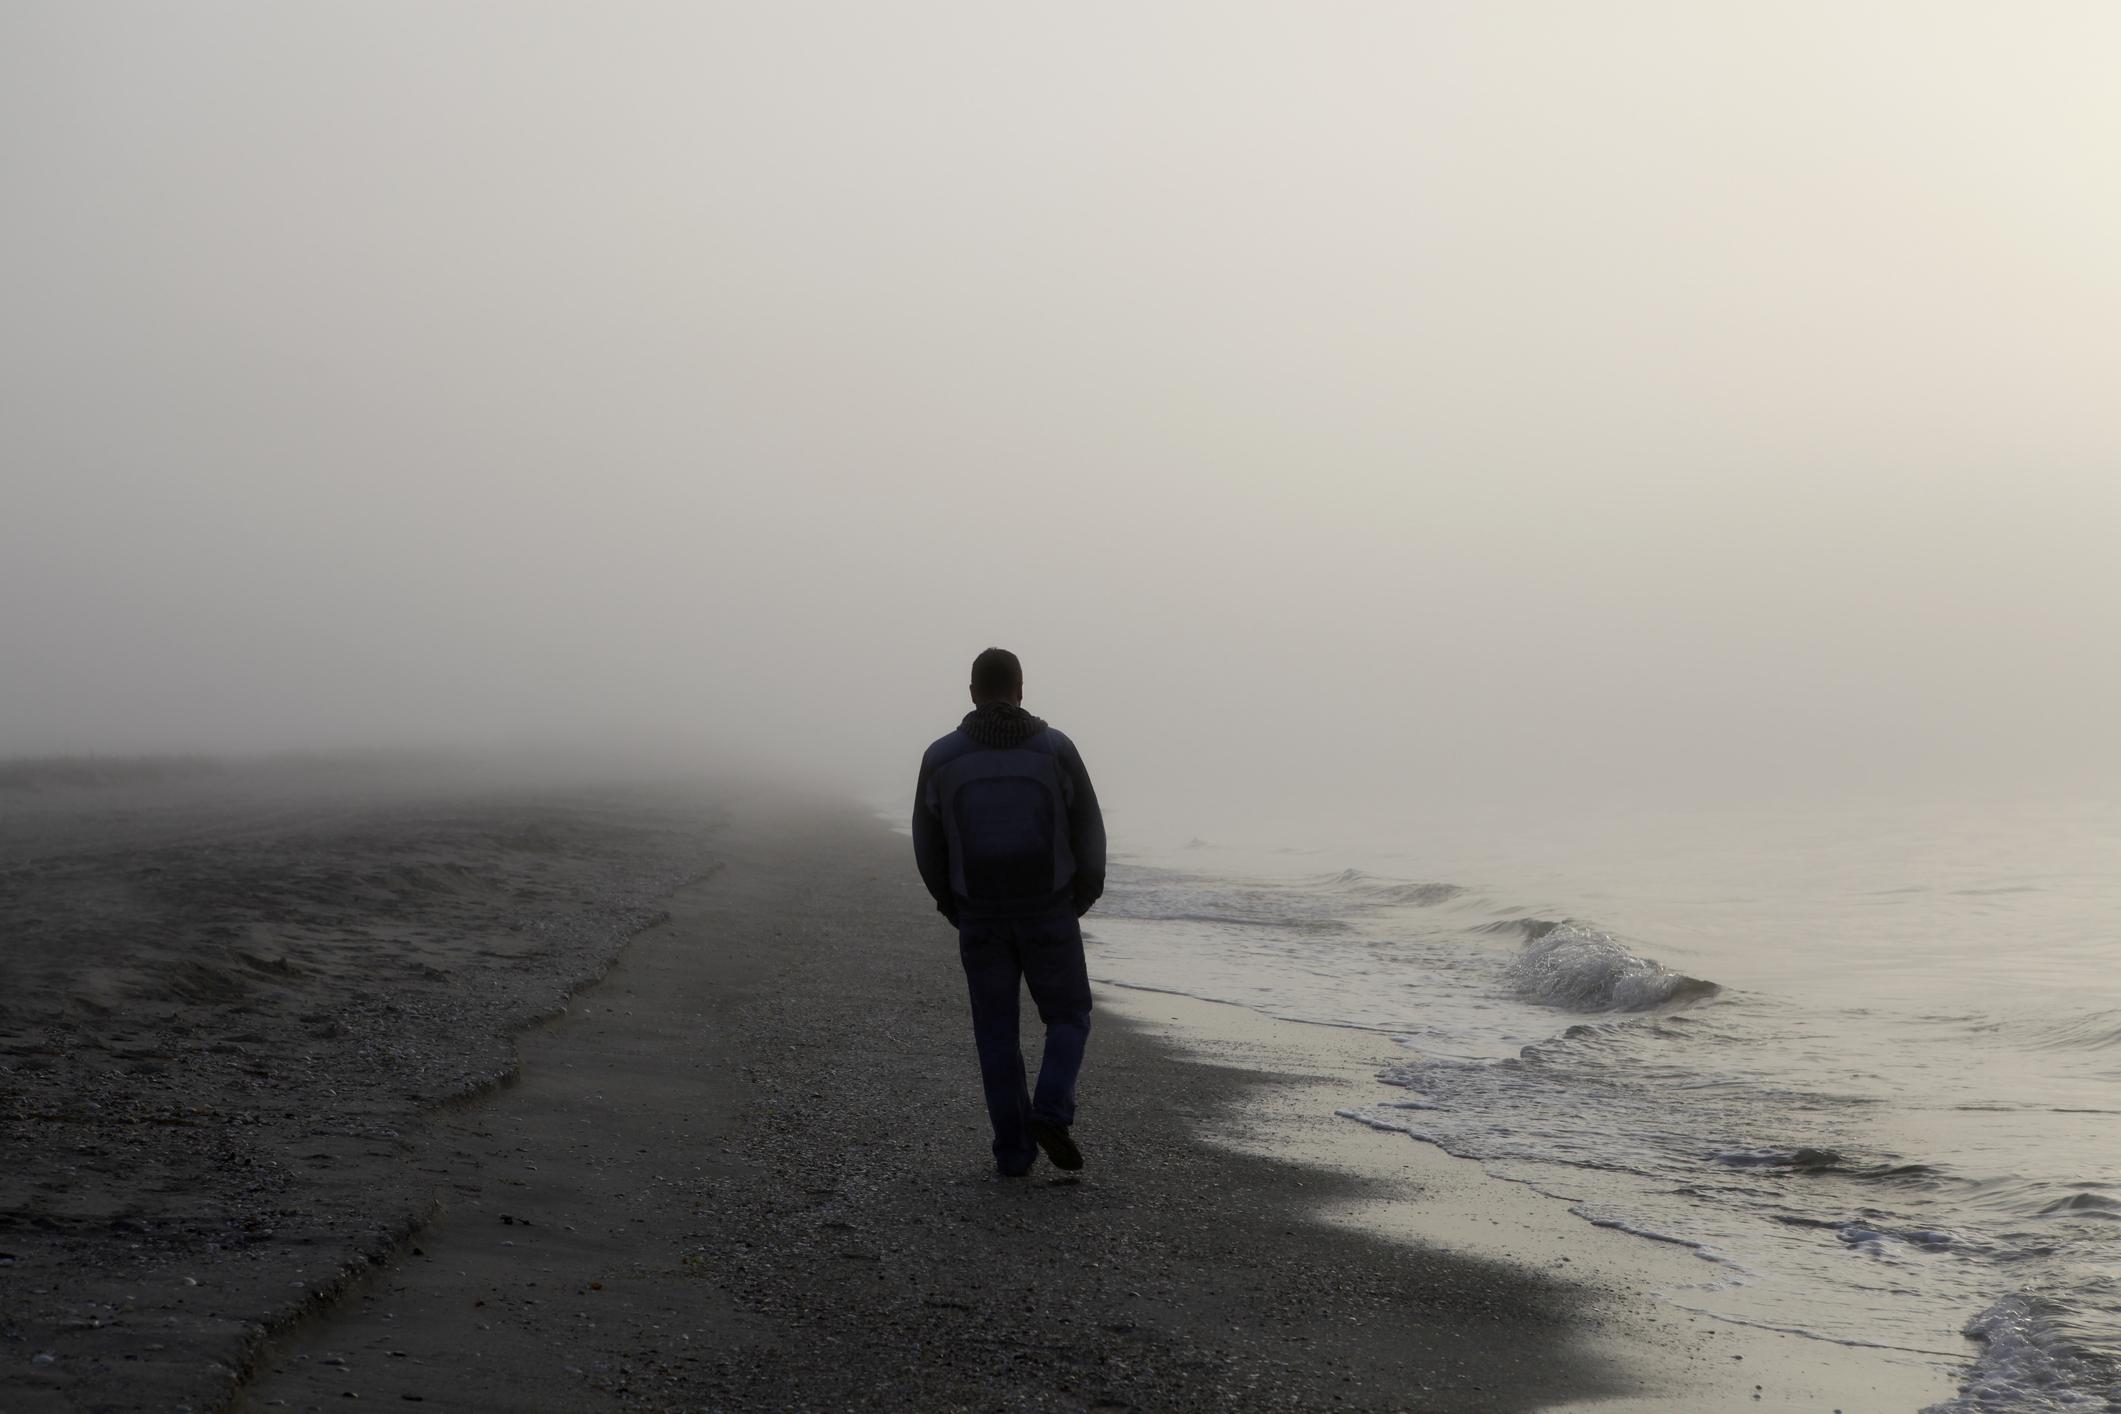 Man walking alone on a foggy beach